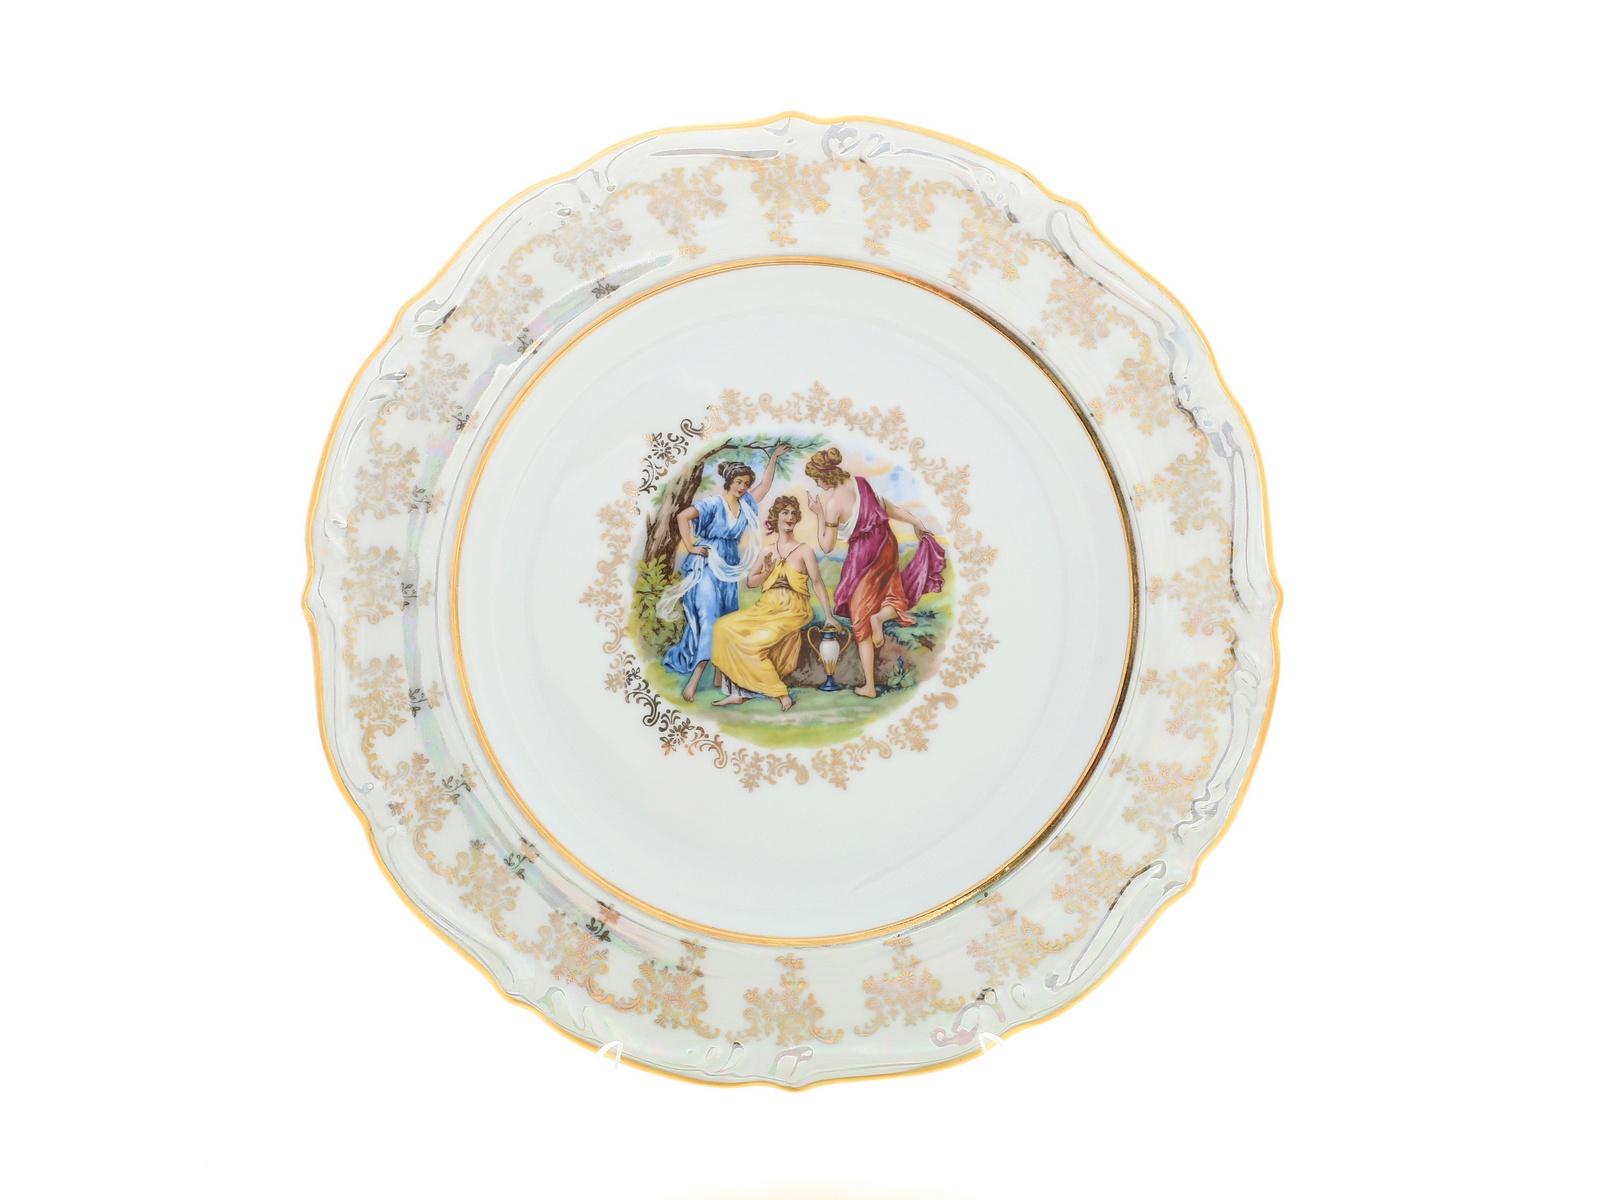 Блюдо круглое Royal Czech Porcelain Мадонна. Корона, 32767, 30 см32767Czech Porcelain покорил ценителей фарфора классическими изделиями, созданными по старинным технологиям.Эта посуда наиболее приспособлена для постоянного использования.Посуду высоко ценят за высокие прочностные характеристики. Главной ценностью фарфора является его внешний вид — это белый материал, часто с красивой росписью. Благодаря тому, что материал может быть сравнительно тонким, посуда выглядит особенно изящной.